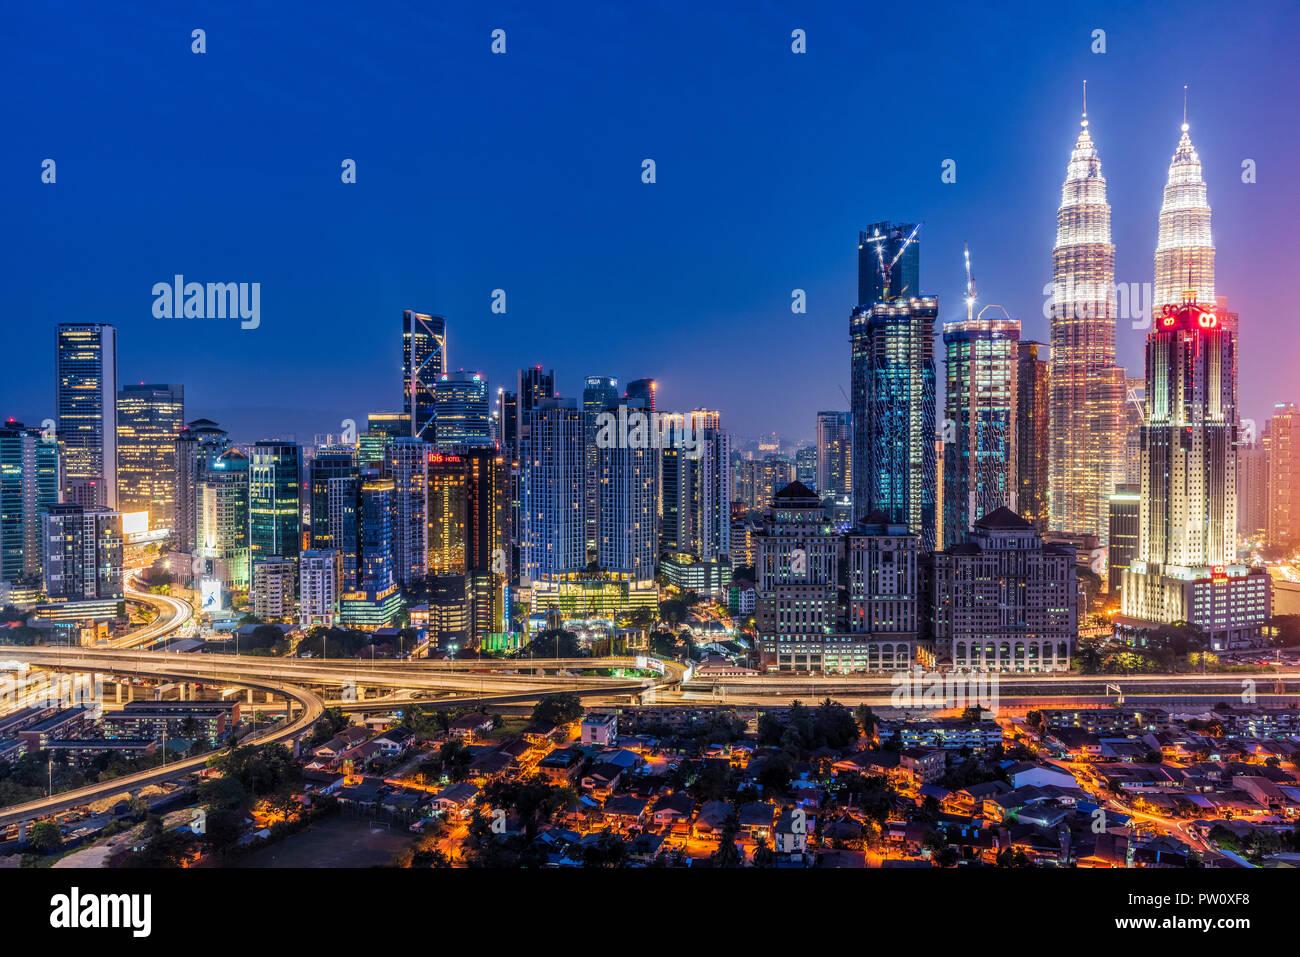 City Skyline bei Nacht, Kuala Lumpur, Malaysia Stockbild